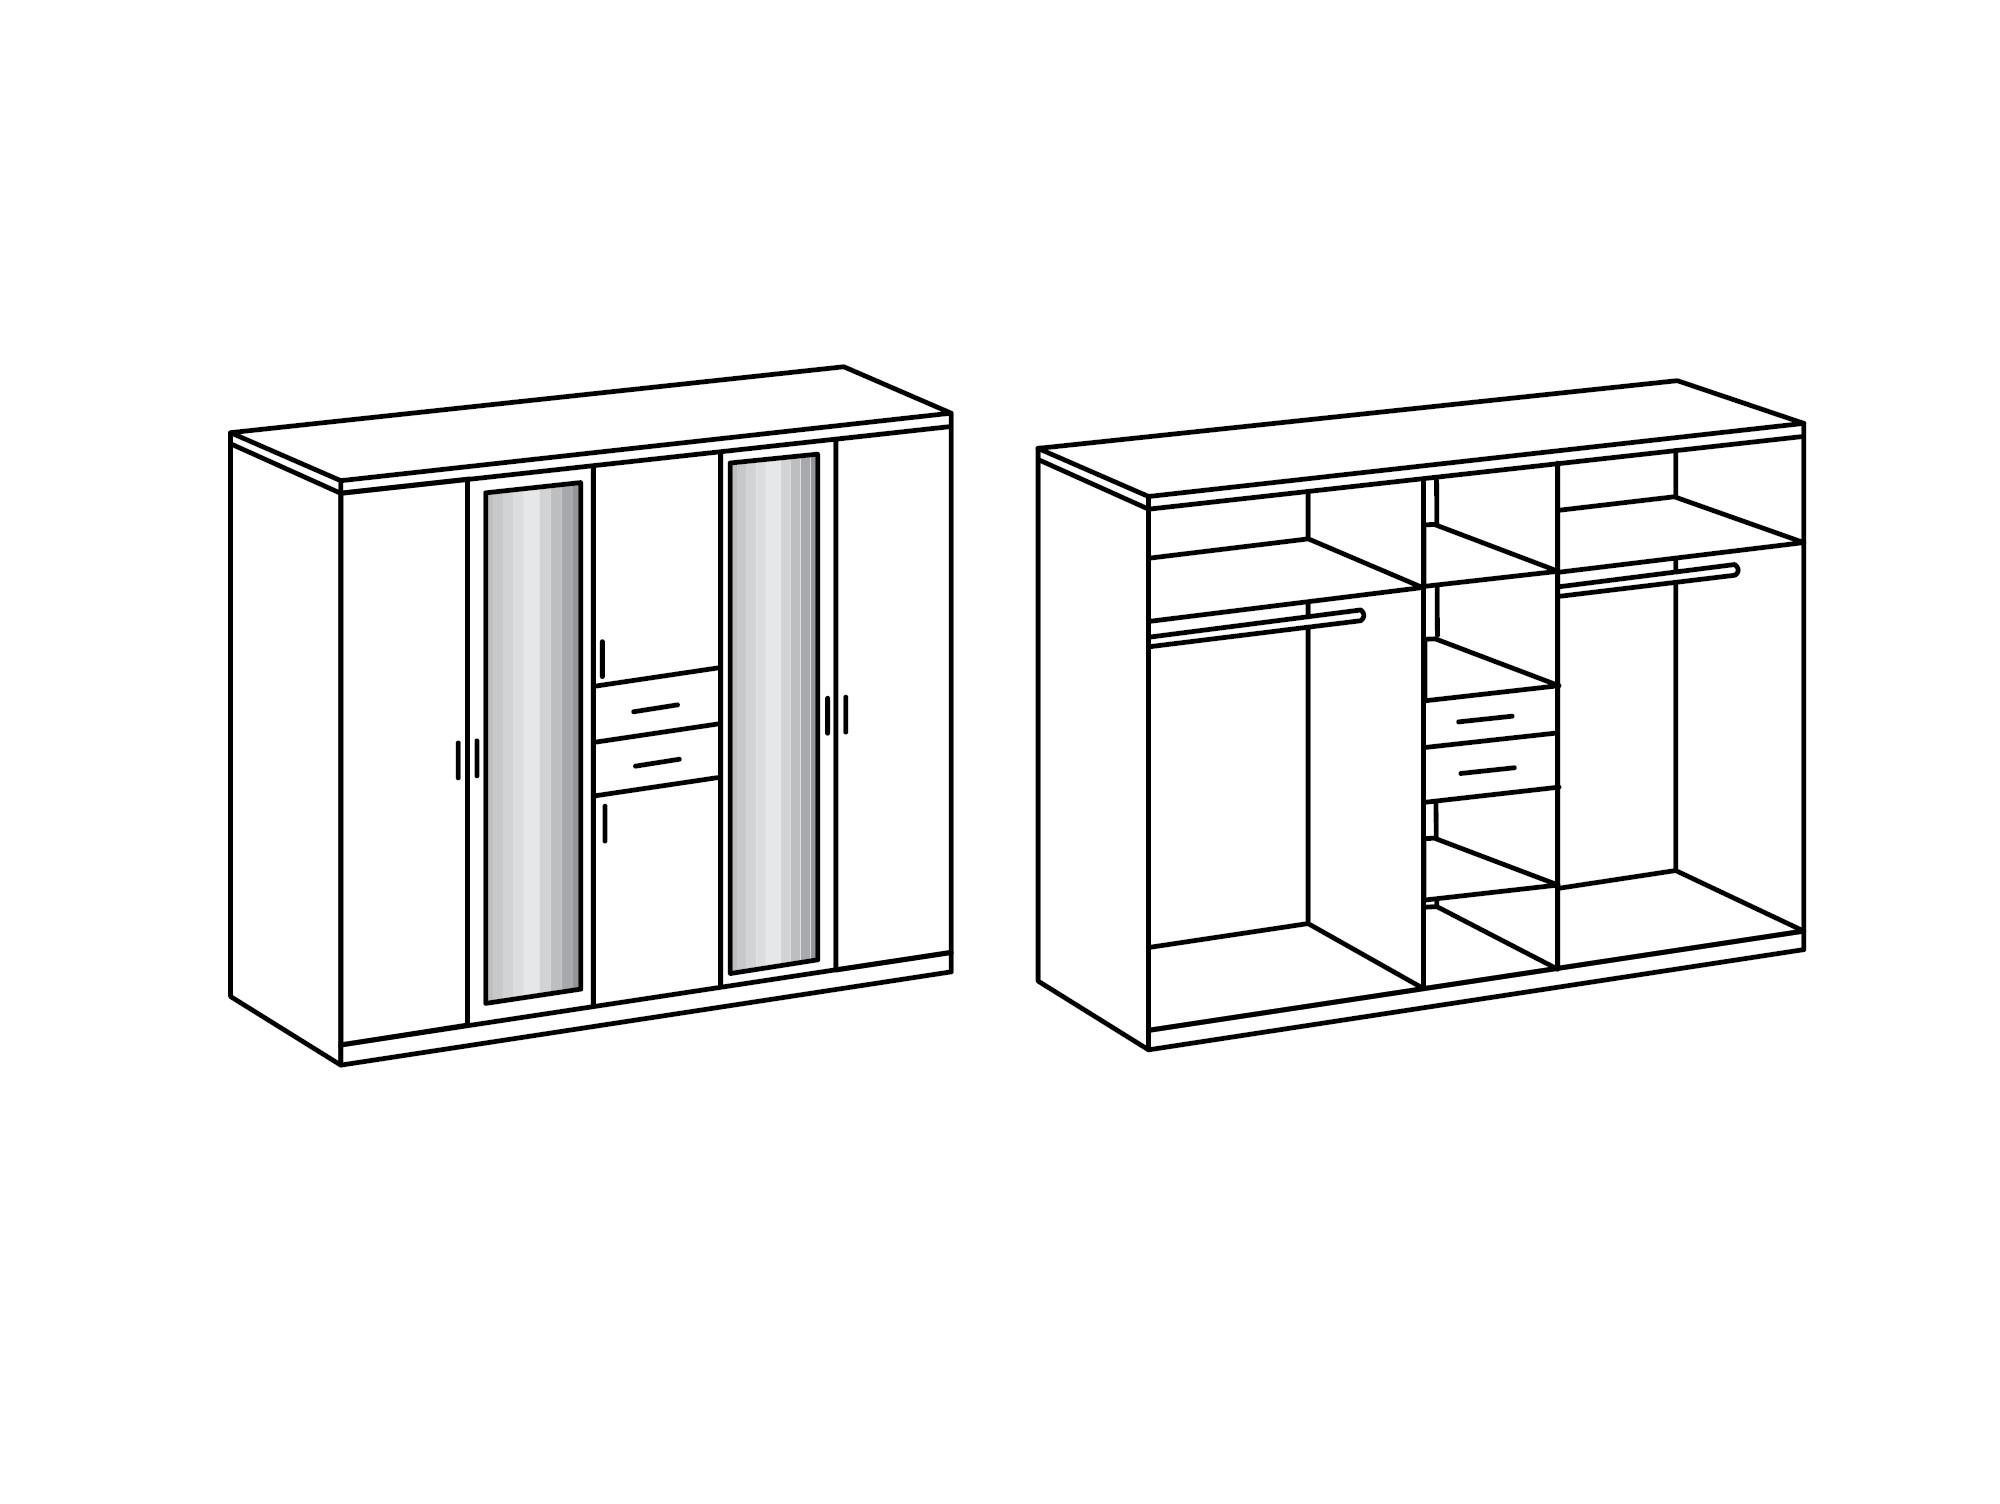 kleiderschrank mit viel stauraum alter kleiderschrank 3 t rig mit viel stauraum schubladen. Black Bedroom Furniture Sets. Home Design Ideas